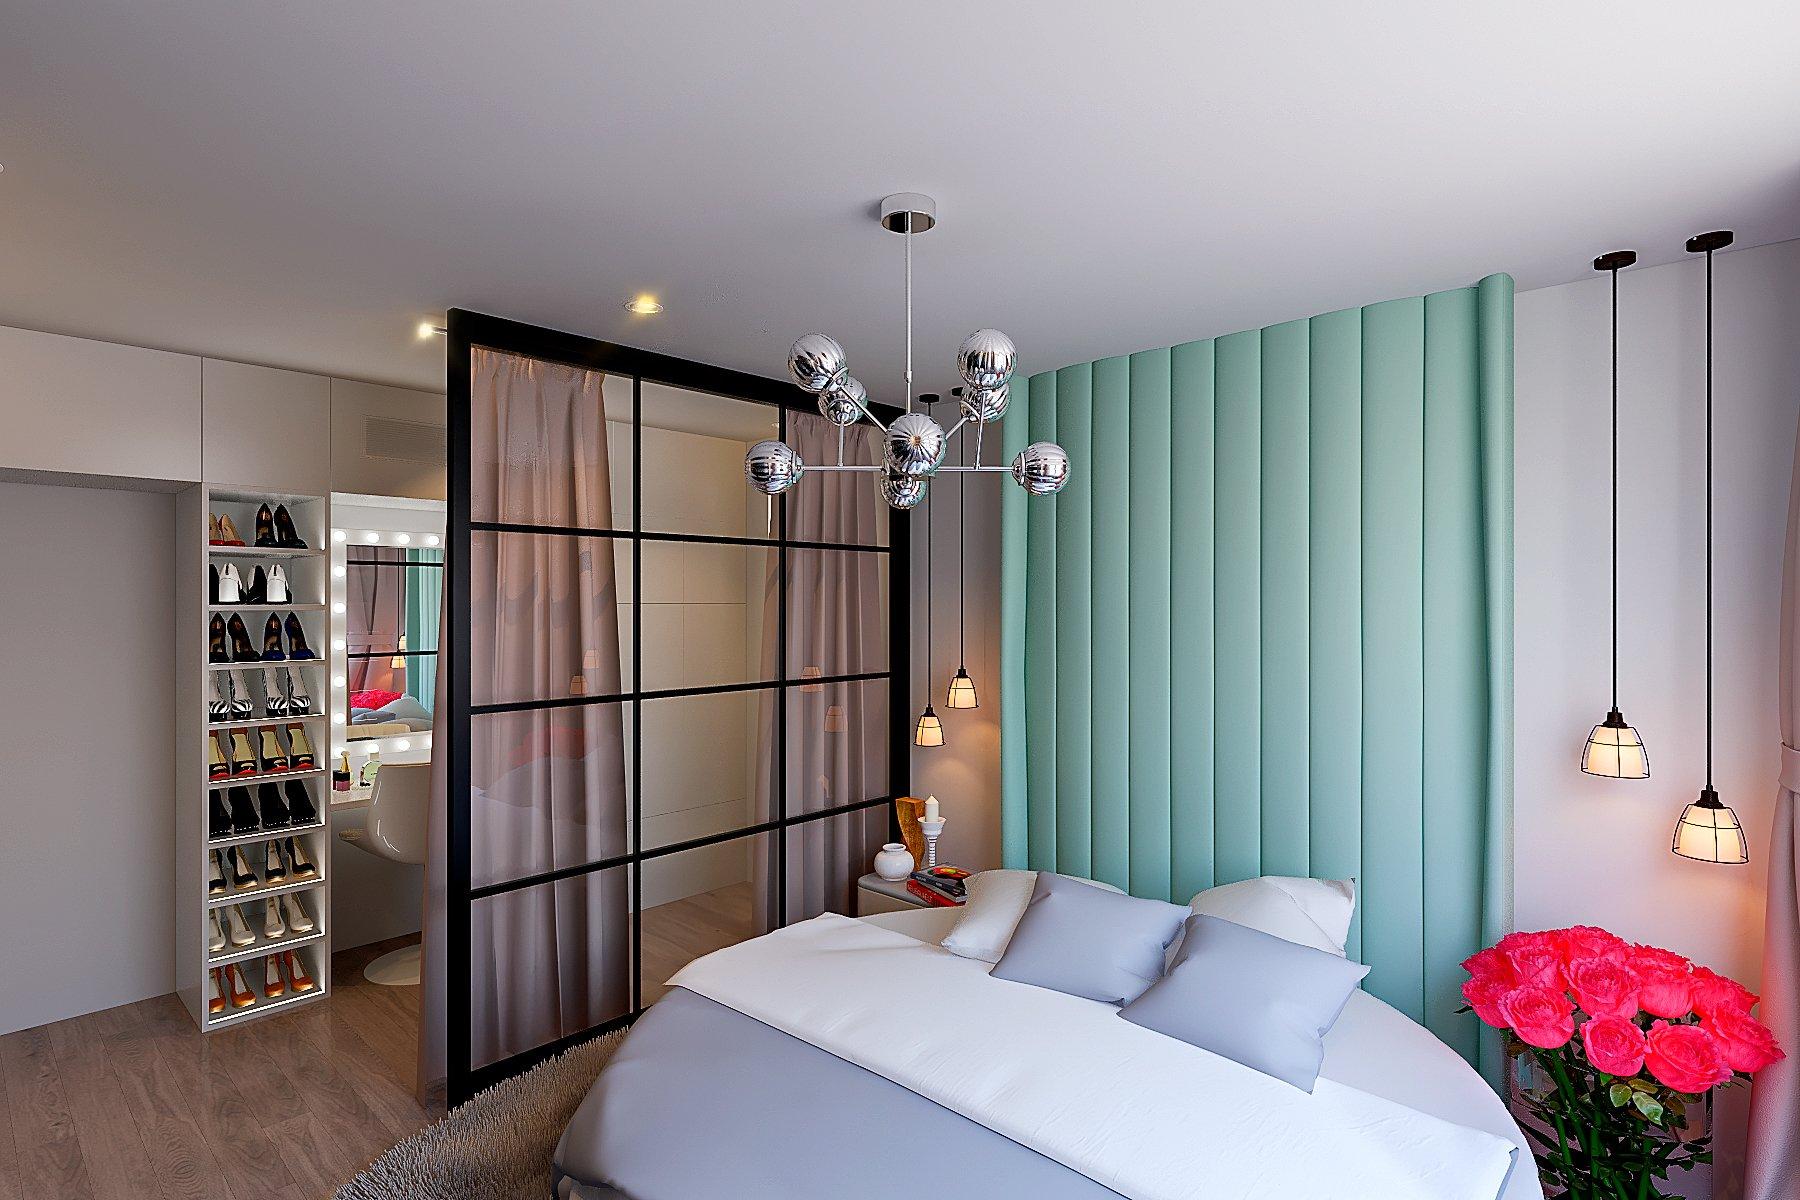 белая, интерьер спальни в современном неоклассике, лофт стиле, шкаф с подсветкой полок, зеркало с подсветкой, перегородка лофт в спальне, шторы возле перегородки, гримерное зеркало в спальне, вид 3